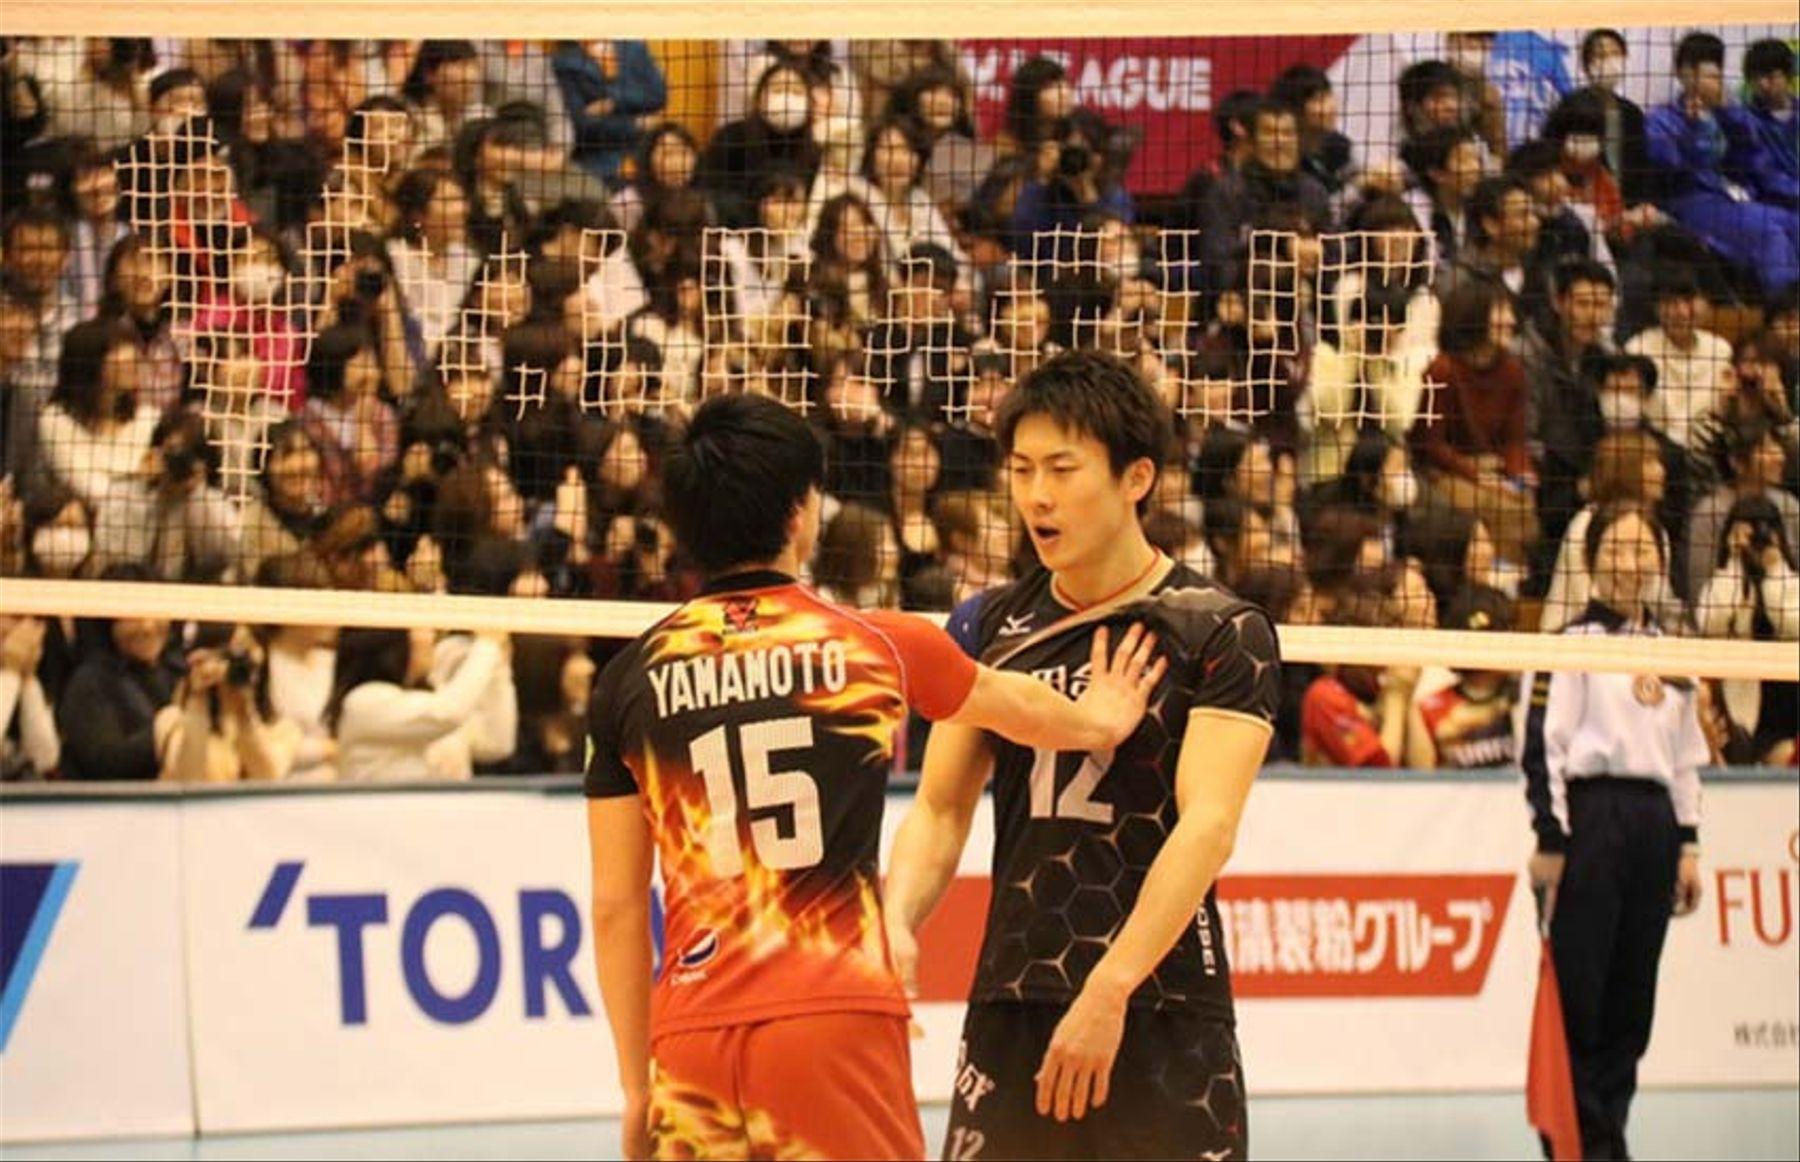 Após briga, jogadores de vôlei do Japão fazem as pazes com selinho